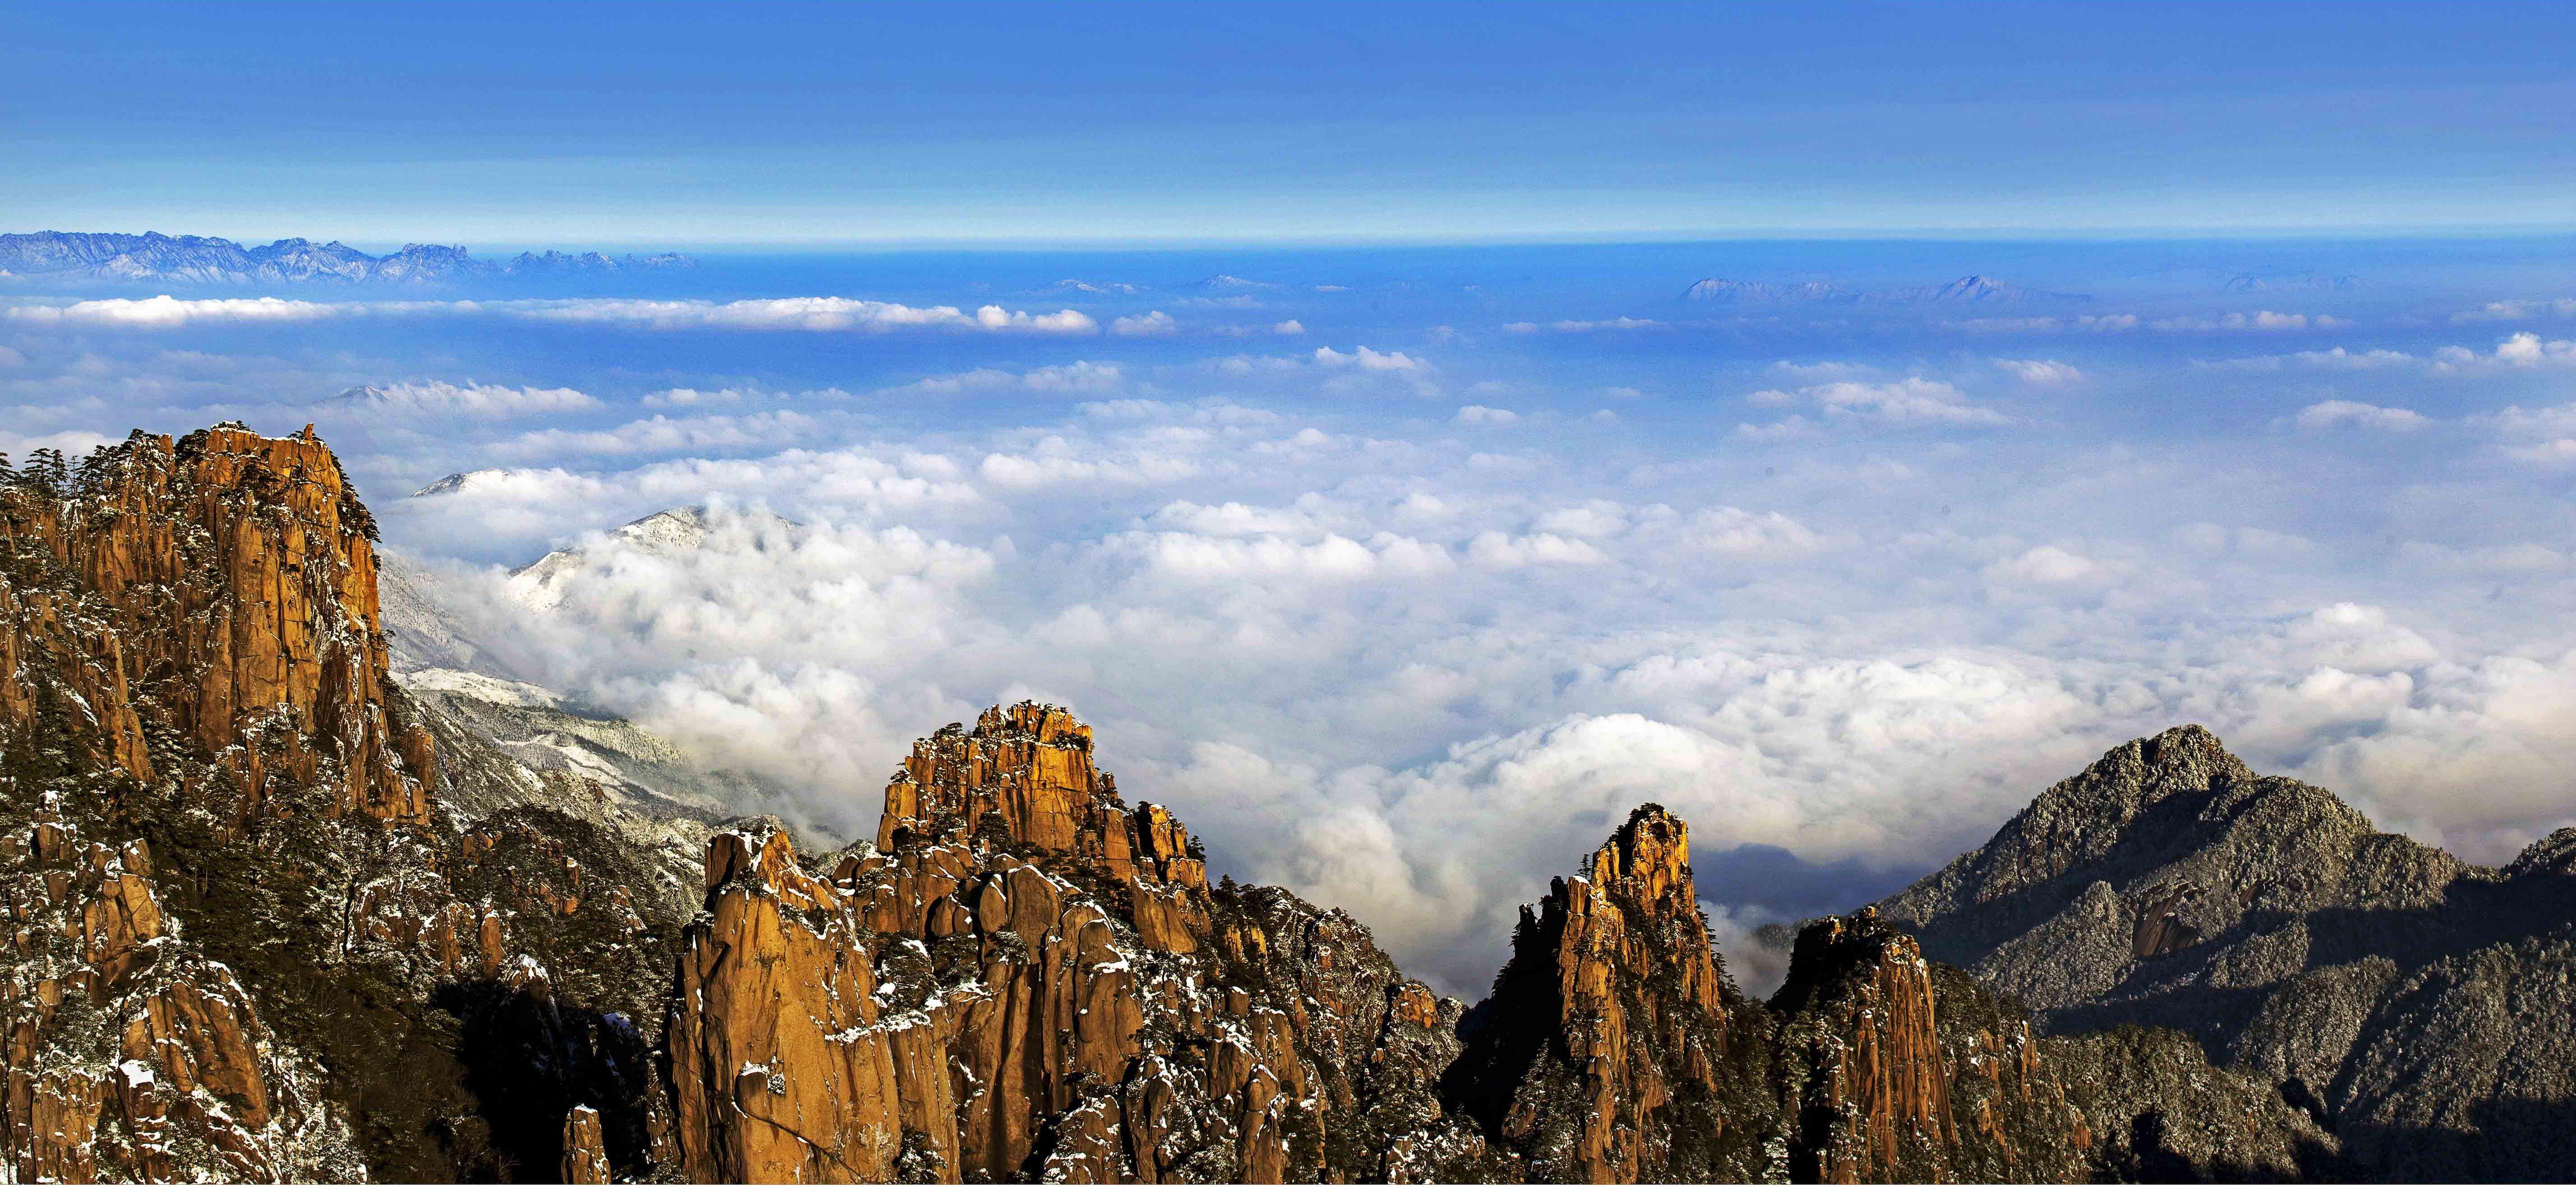 Mer de nuages à Huangshan, Chine.   Natural landmarks ...